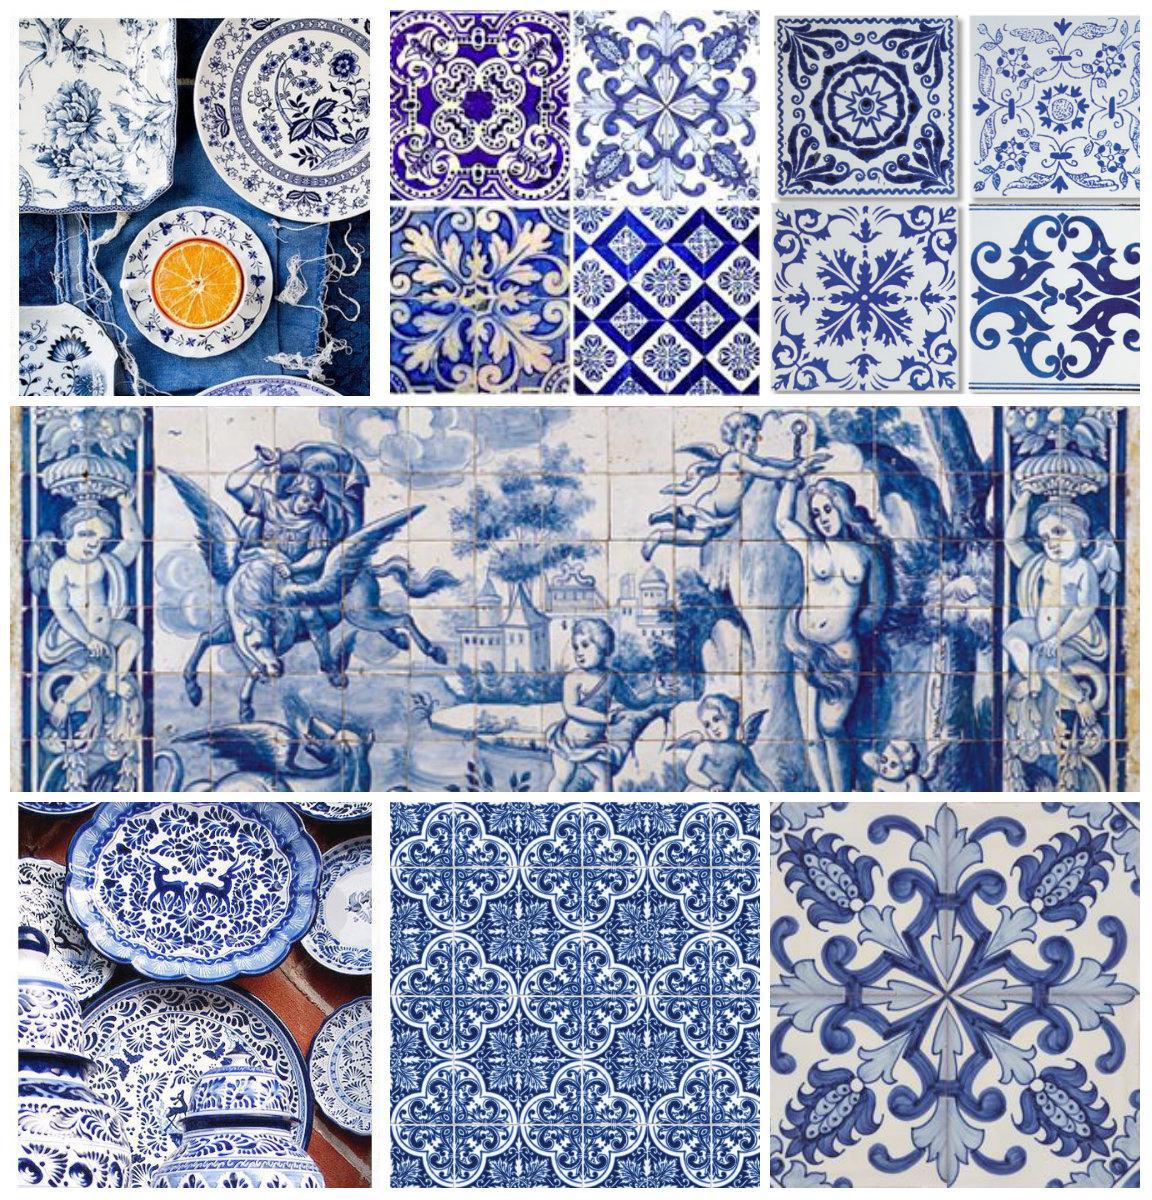 Azulejo portugu s candidato a patrim nio da humanidade for Casa dos azulejos lisboa